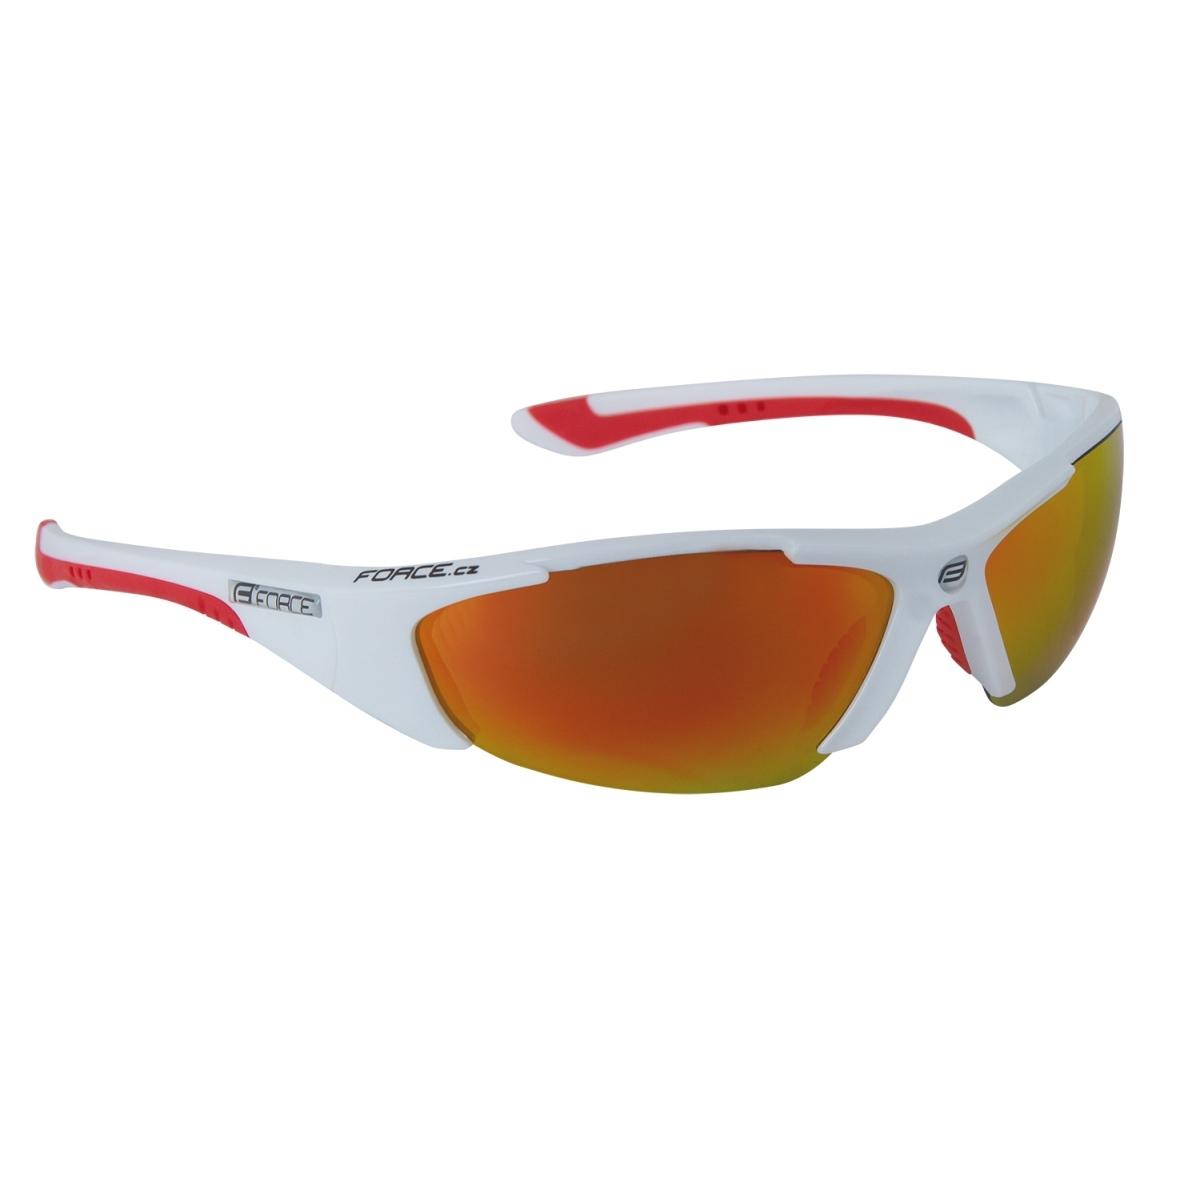 Brýle FORCE LADY bílé, červená skla (Dámské cyklistické brýle)